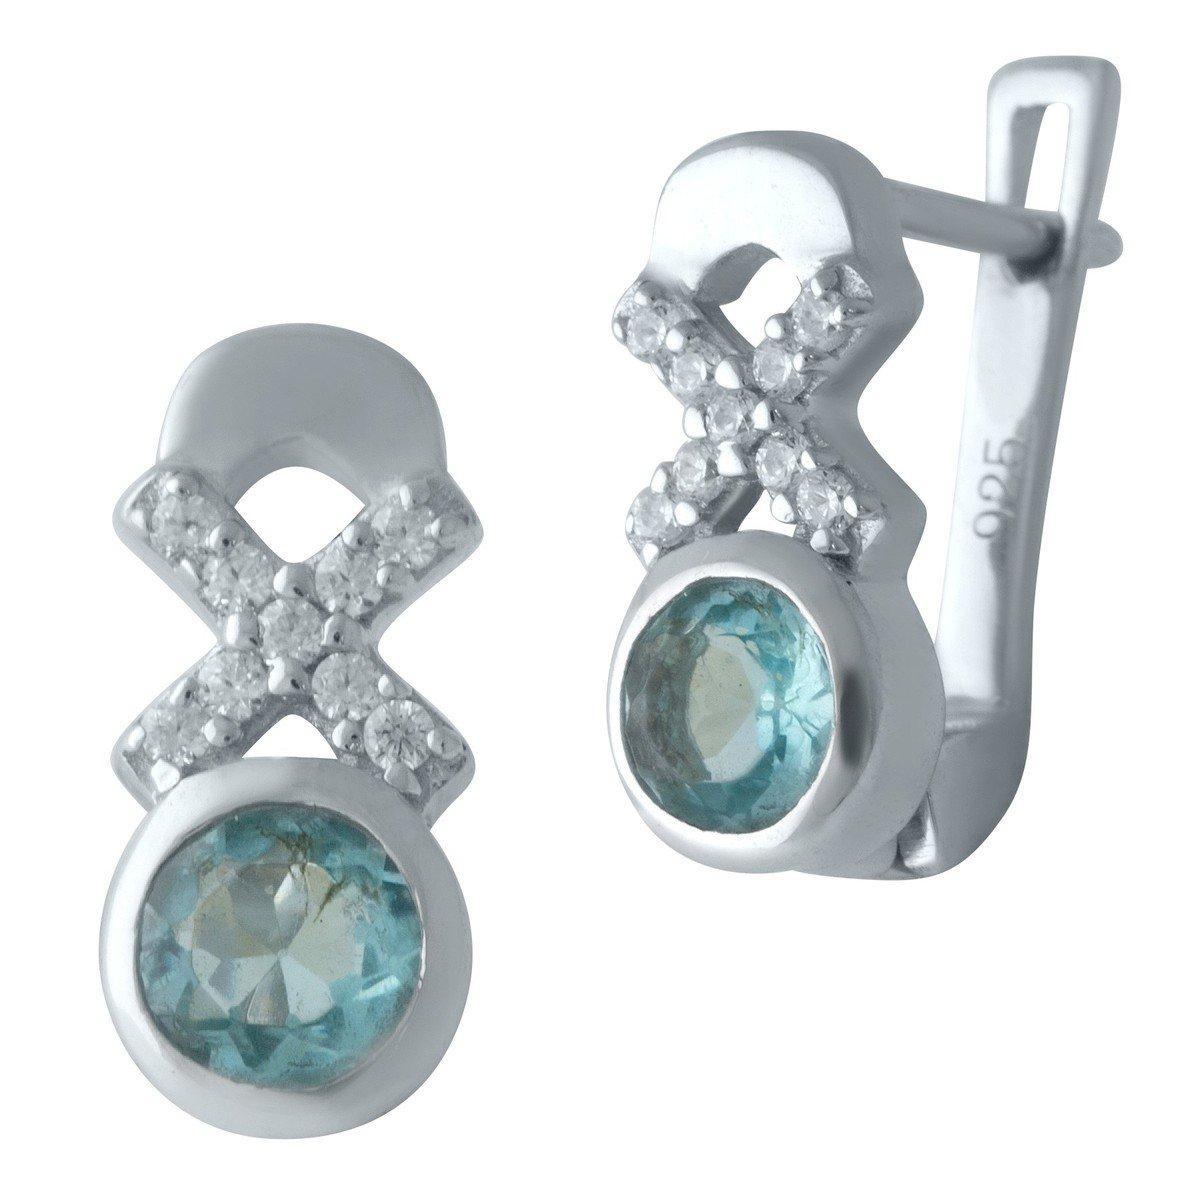 Срібні сережки DreamJewelry з аквамарином nano (2012498)